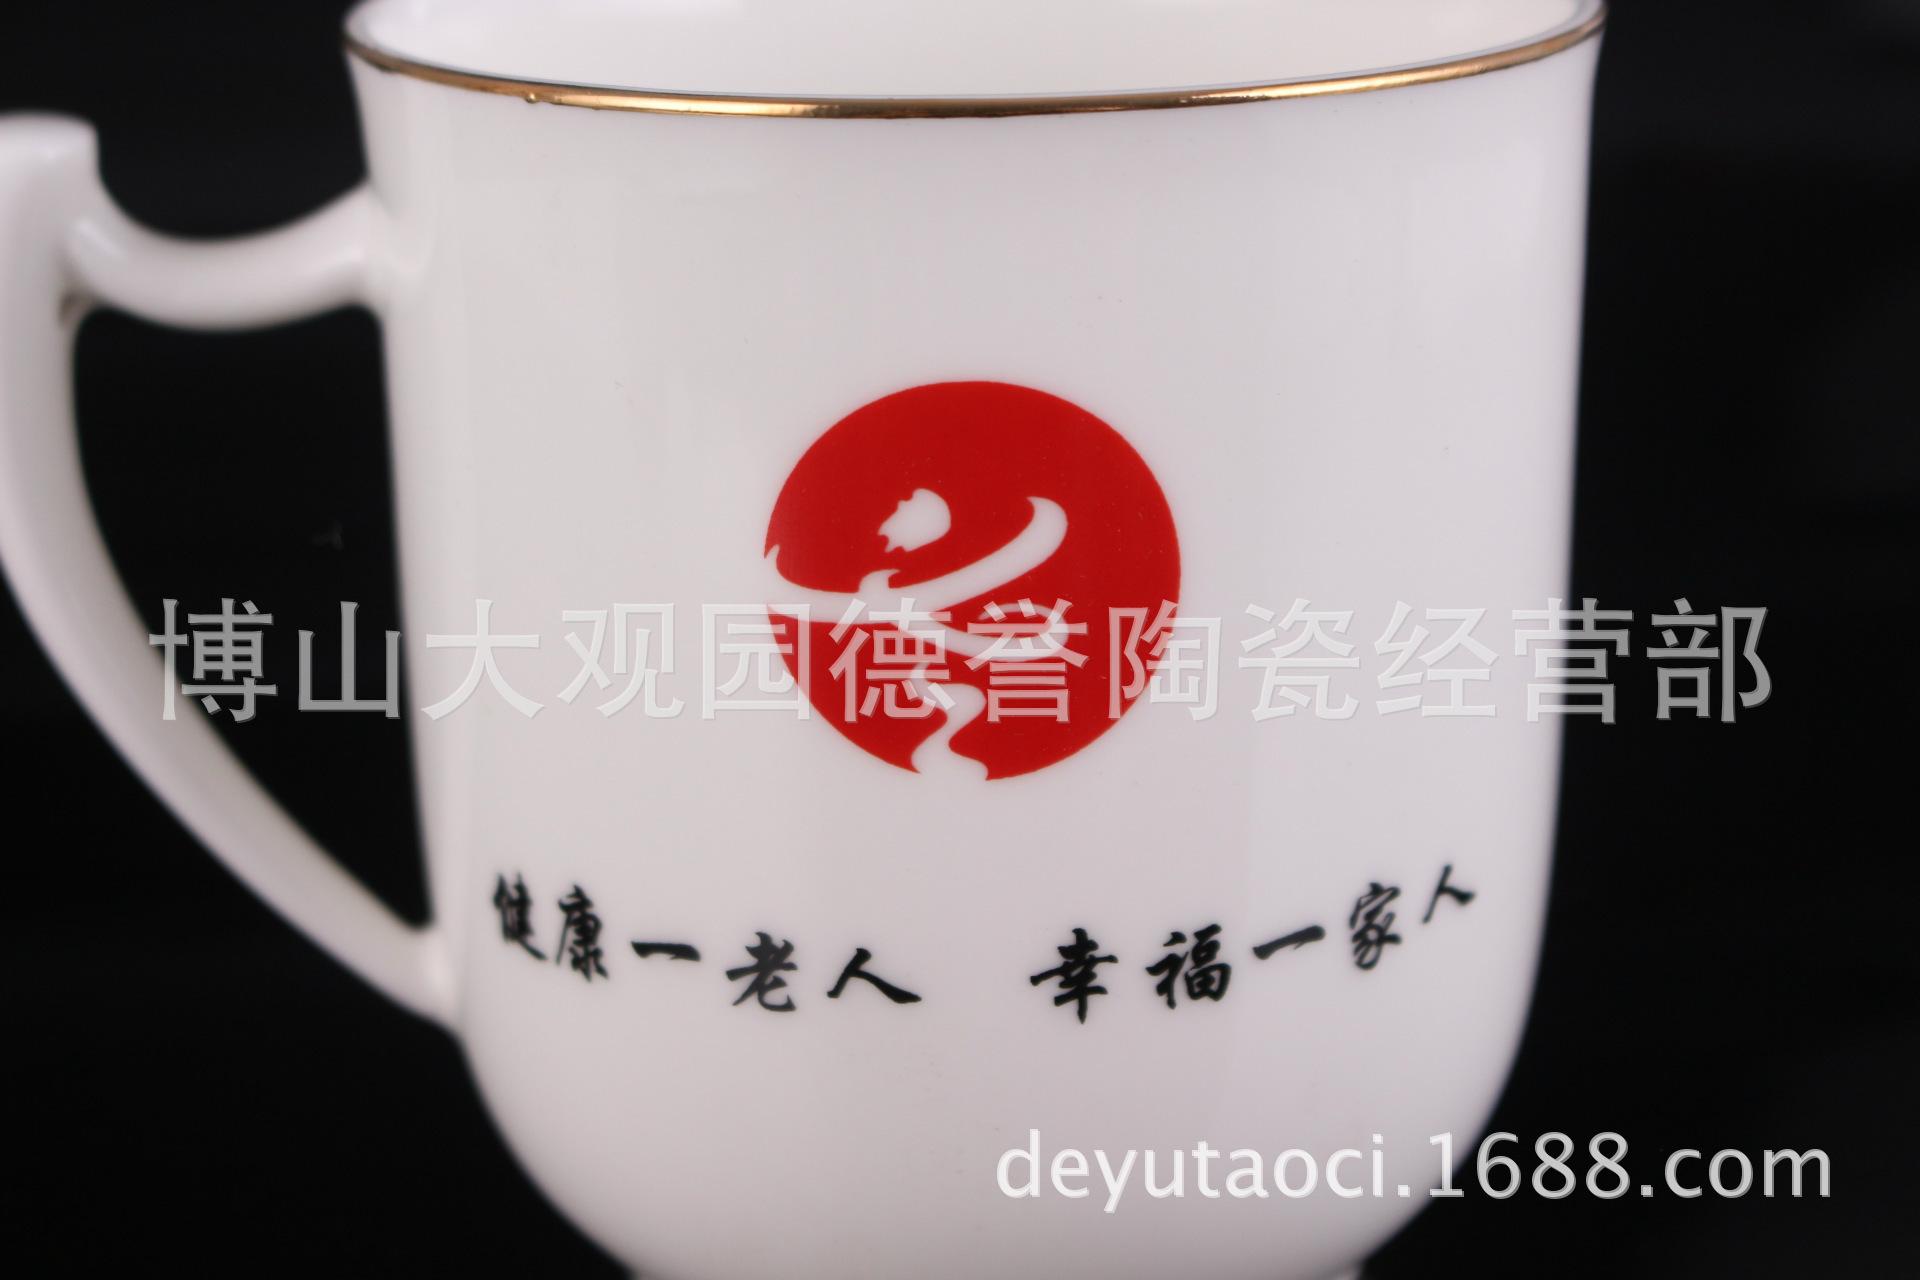 厂家陶瓷杯 马克杯定制LOGO 广告促销礼品赠品咖啡杯子批发